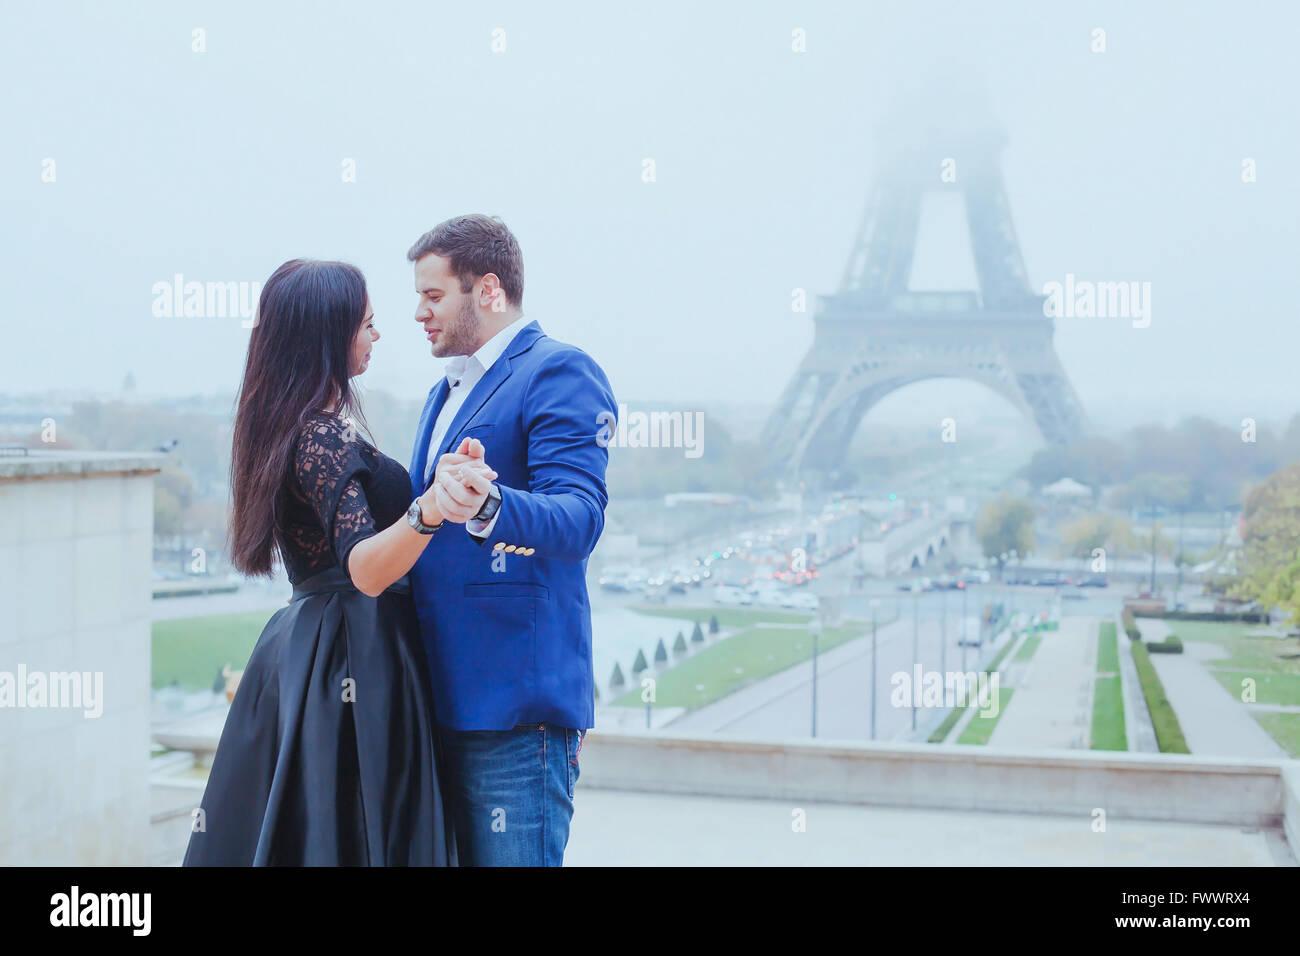 romantische Momente in der Nähe von Eiffelturm, Porträt des Paares in der Liebe Stockbild